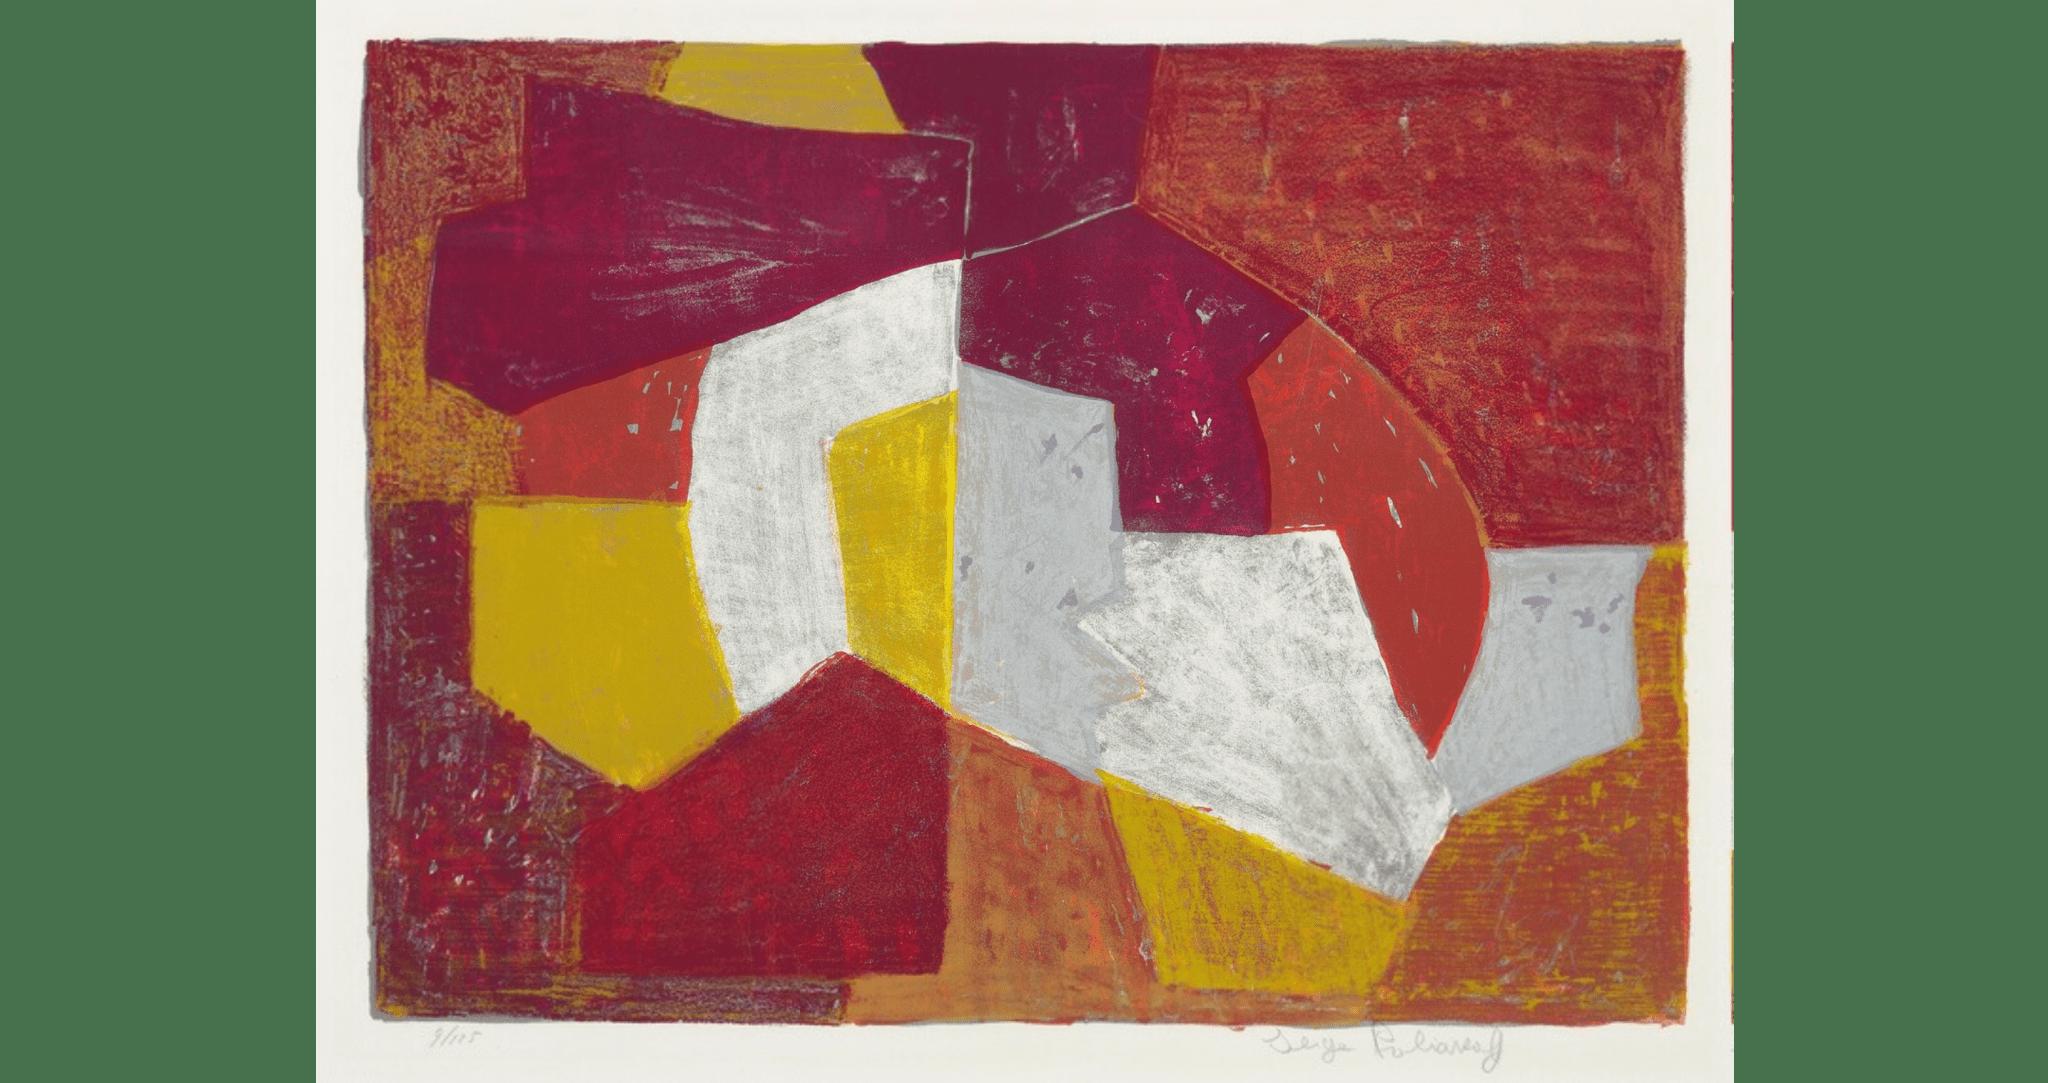 Composition carmin, brune, jaune et grise, lithographie, 1956. 50×66 cm, éd. de 125